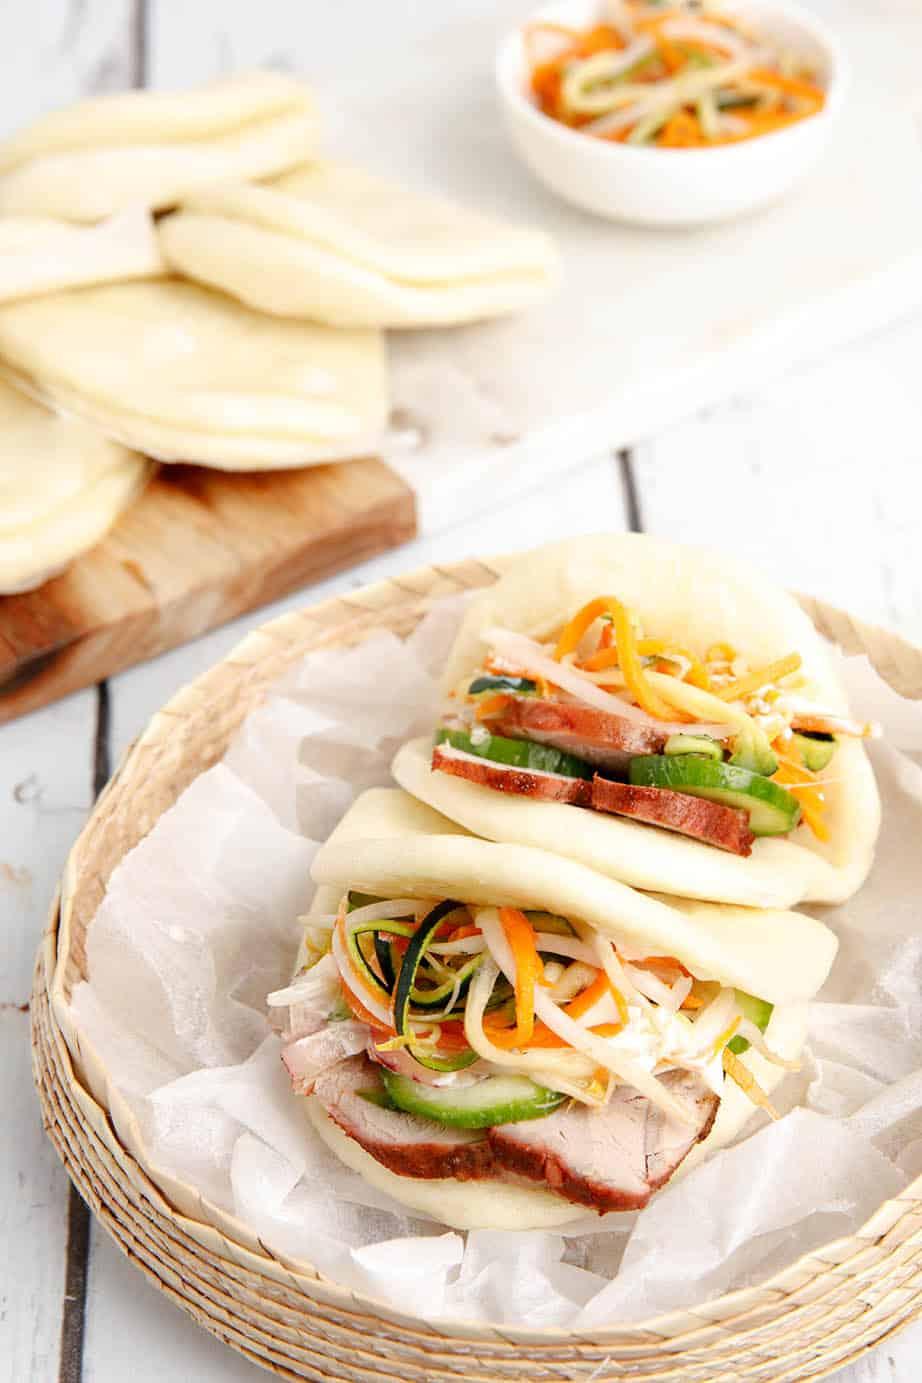 Char Siu Bao Bun filled with salad and pork